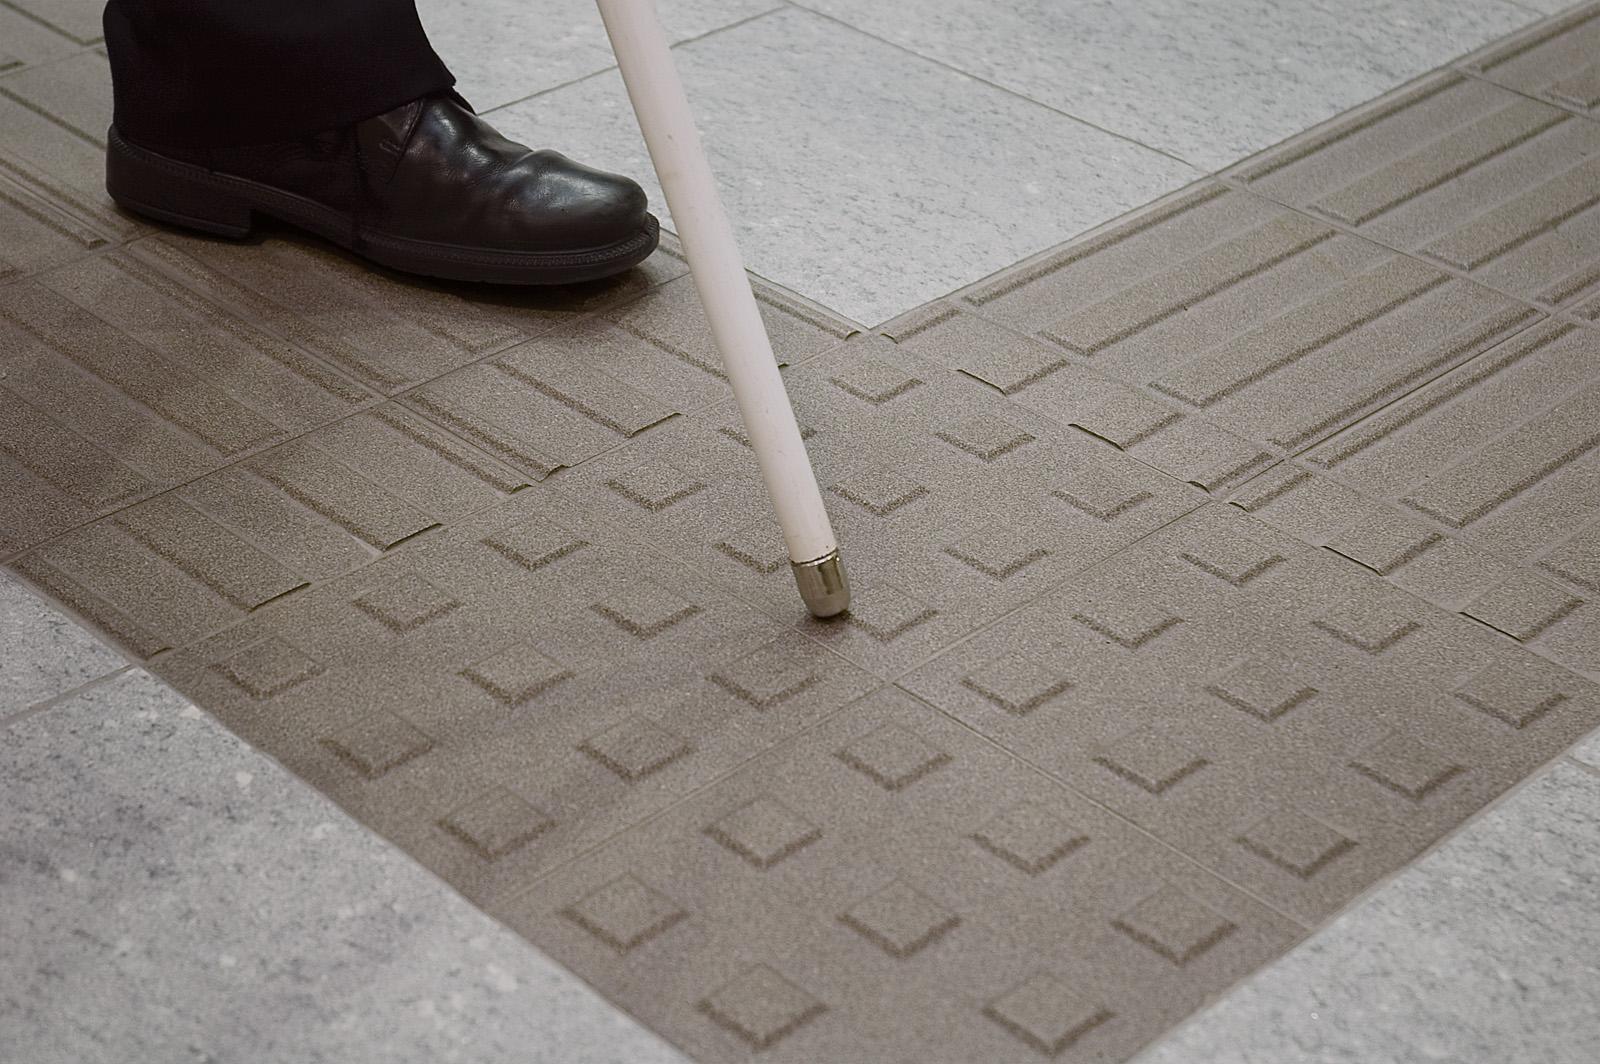 Autonomy gres porcellanato per pavimentazione marazzi